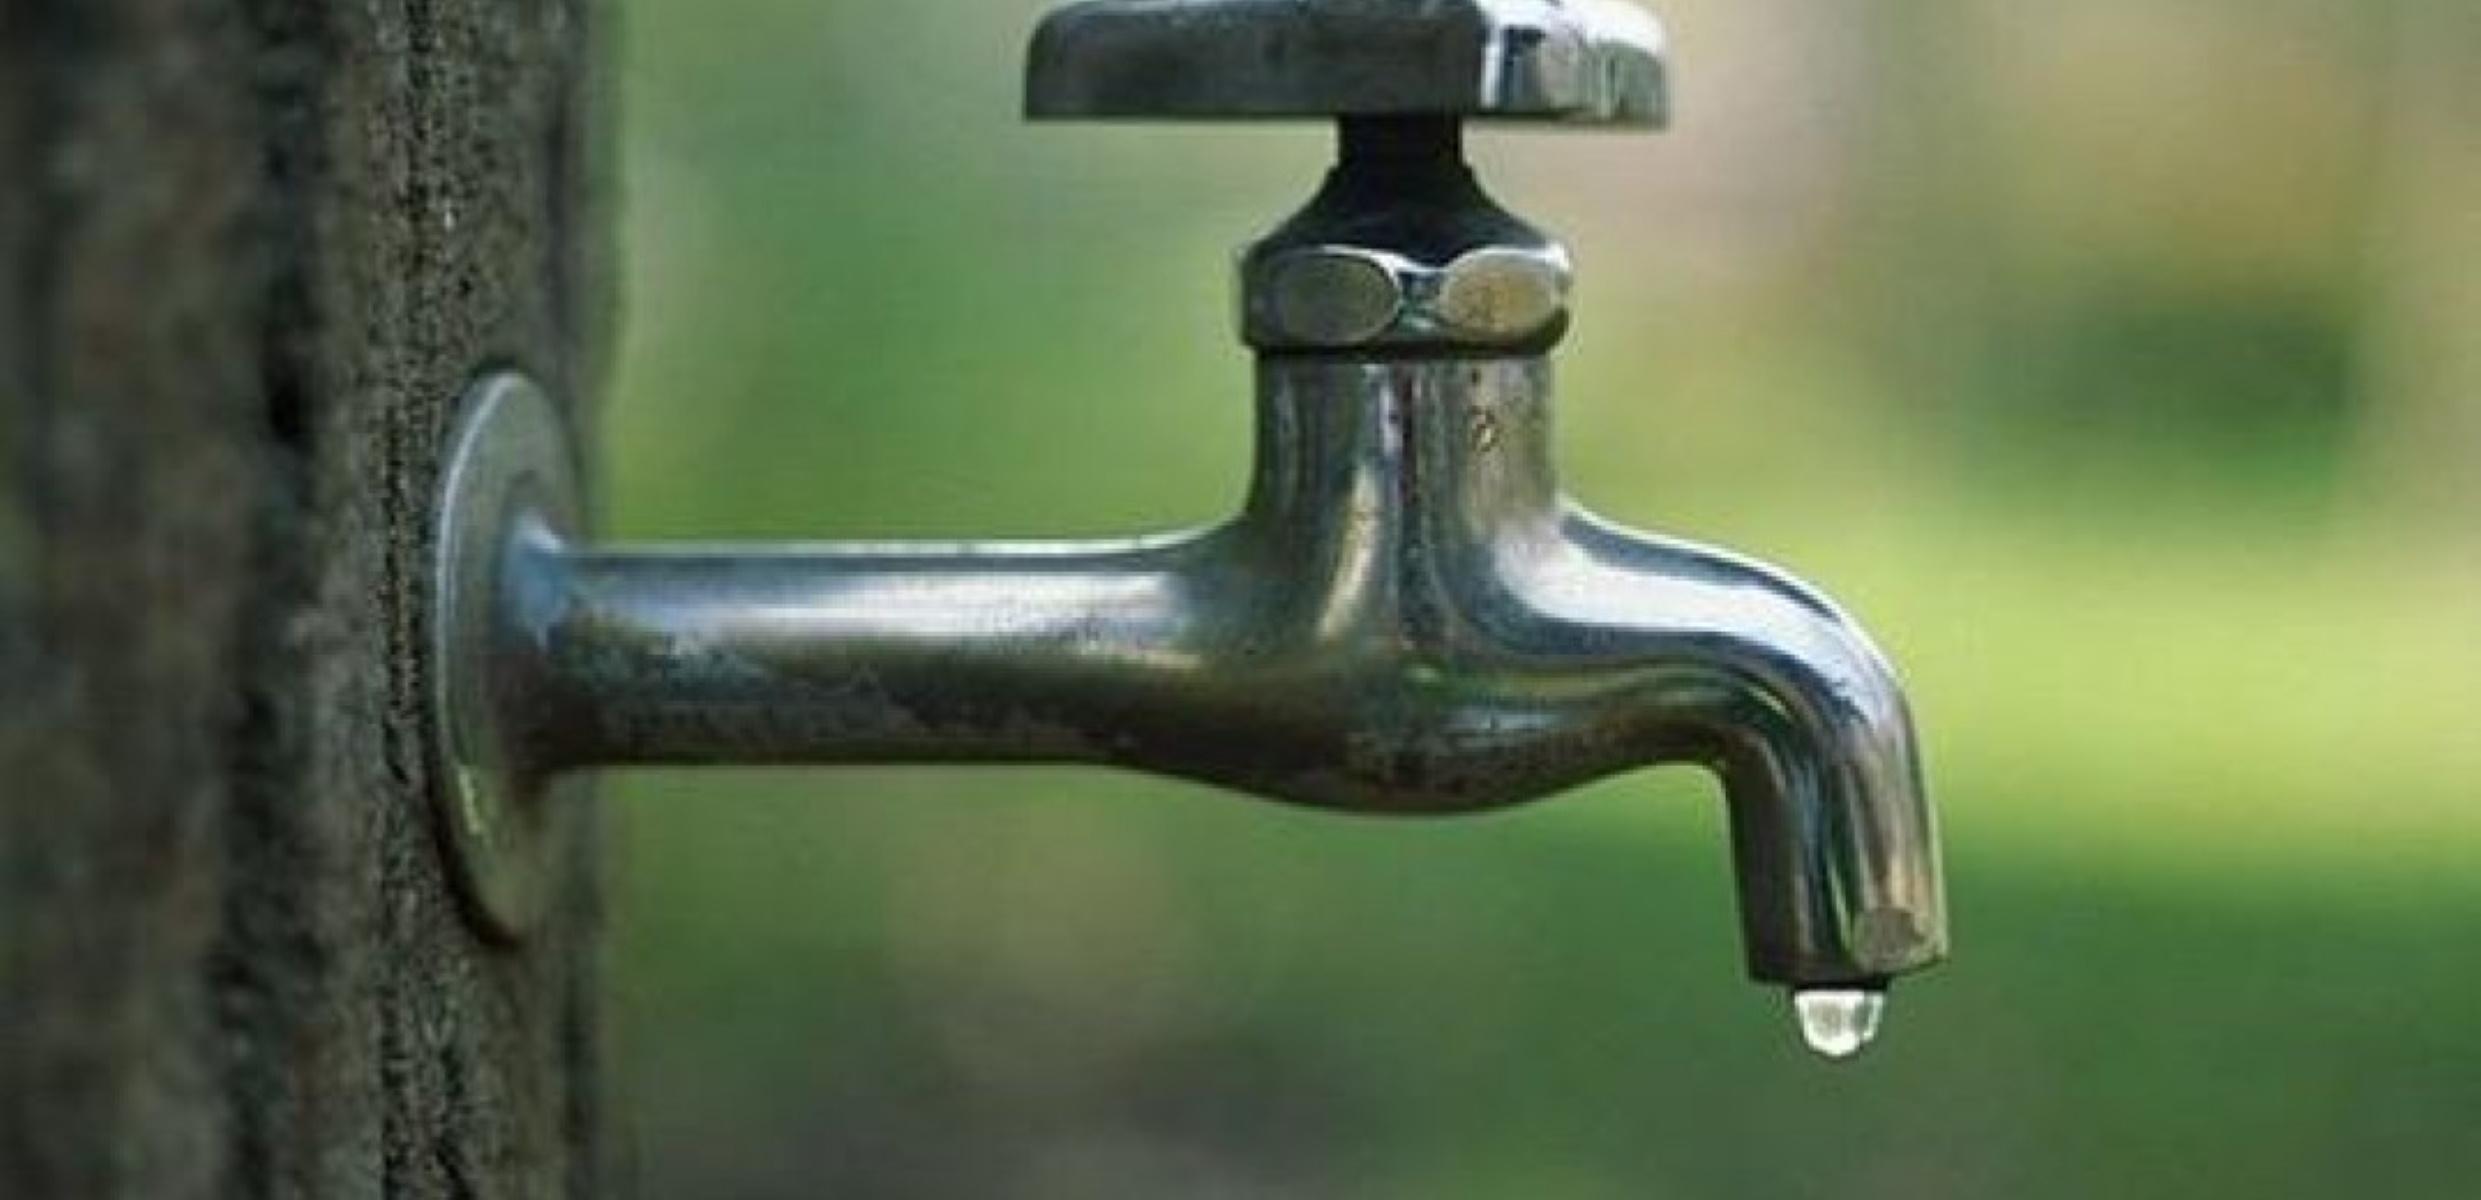 Διακοπή νερού στο Κρυονέρι τη Μεγάλη Τρίτη